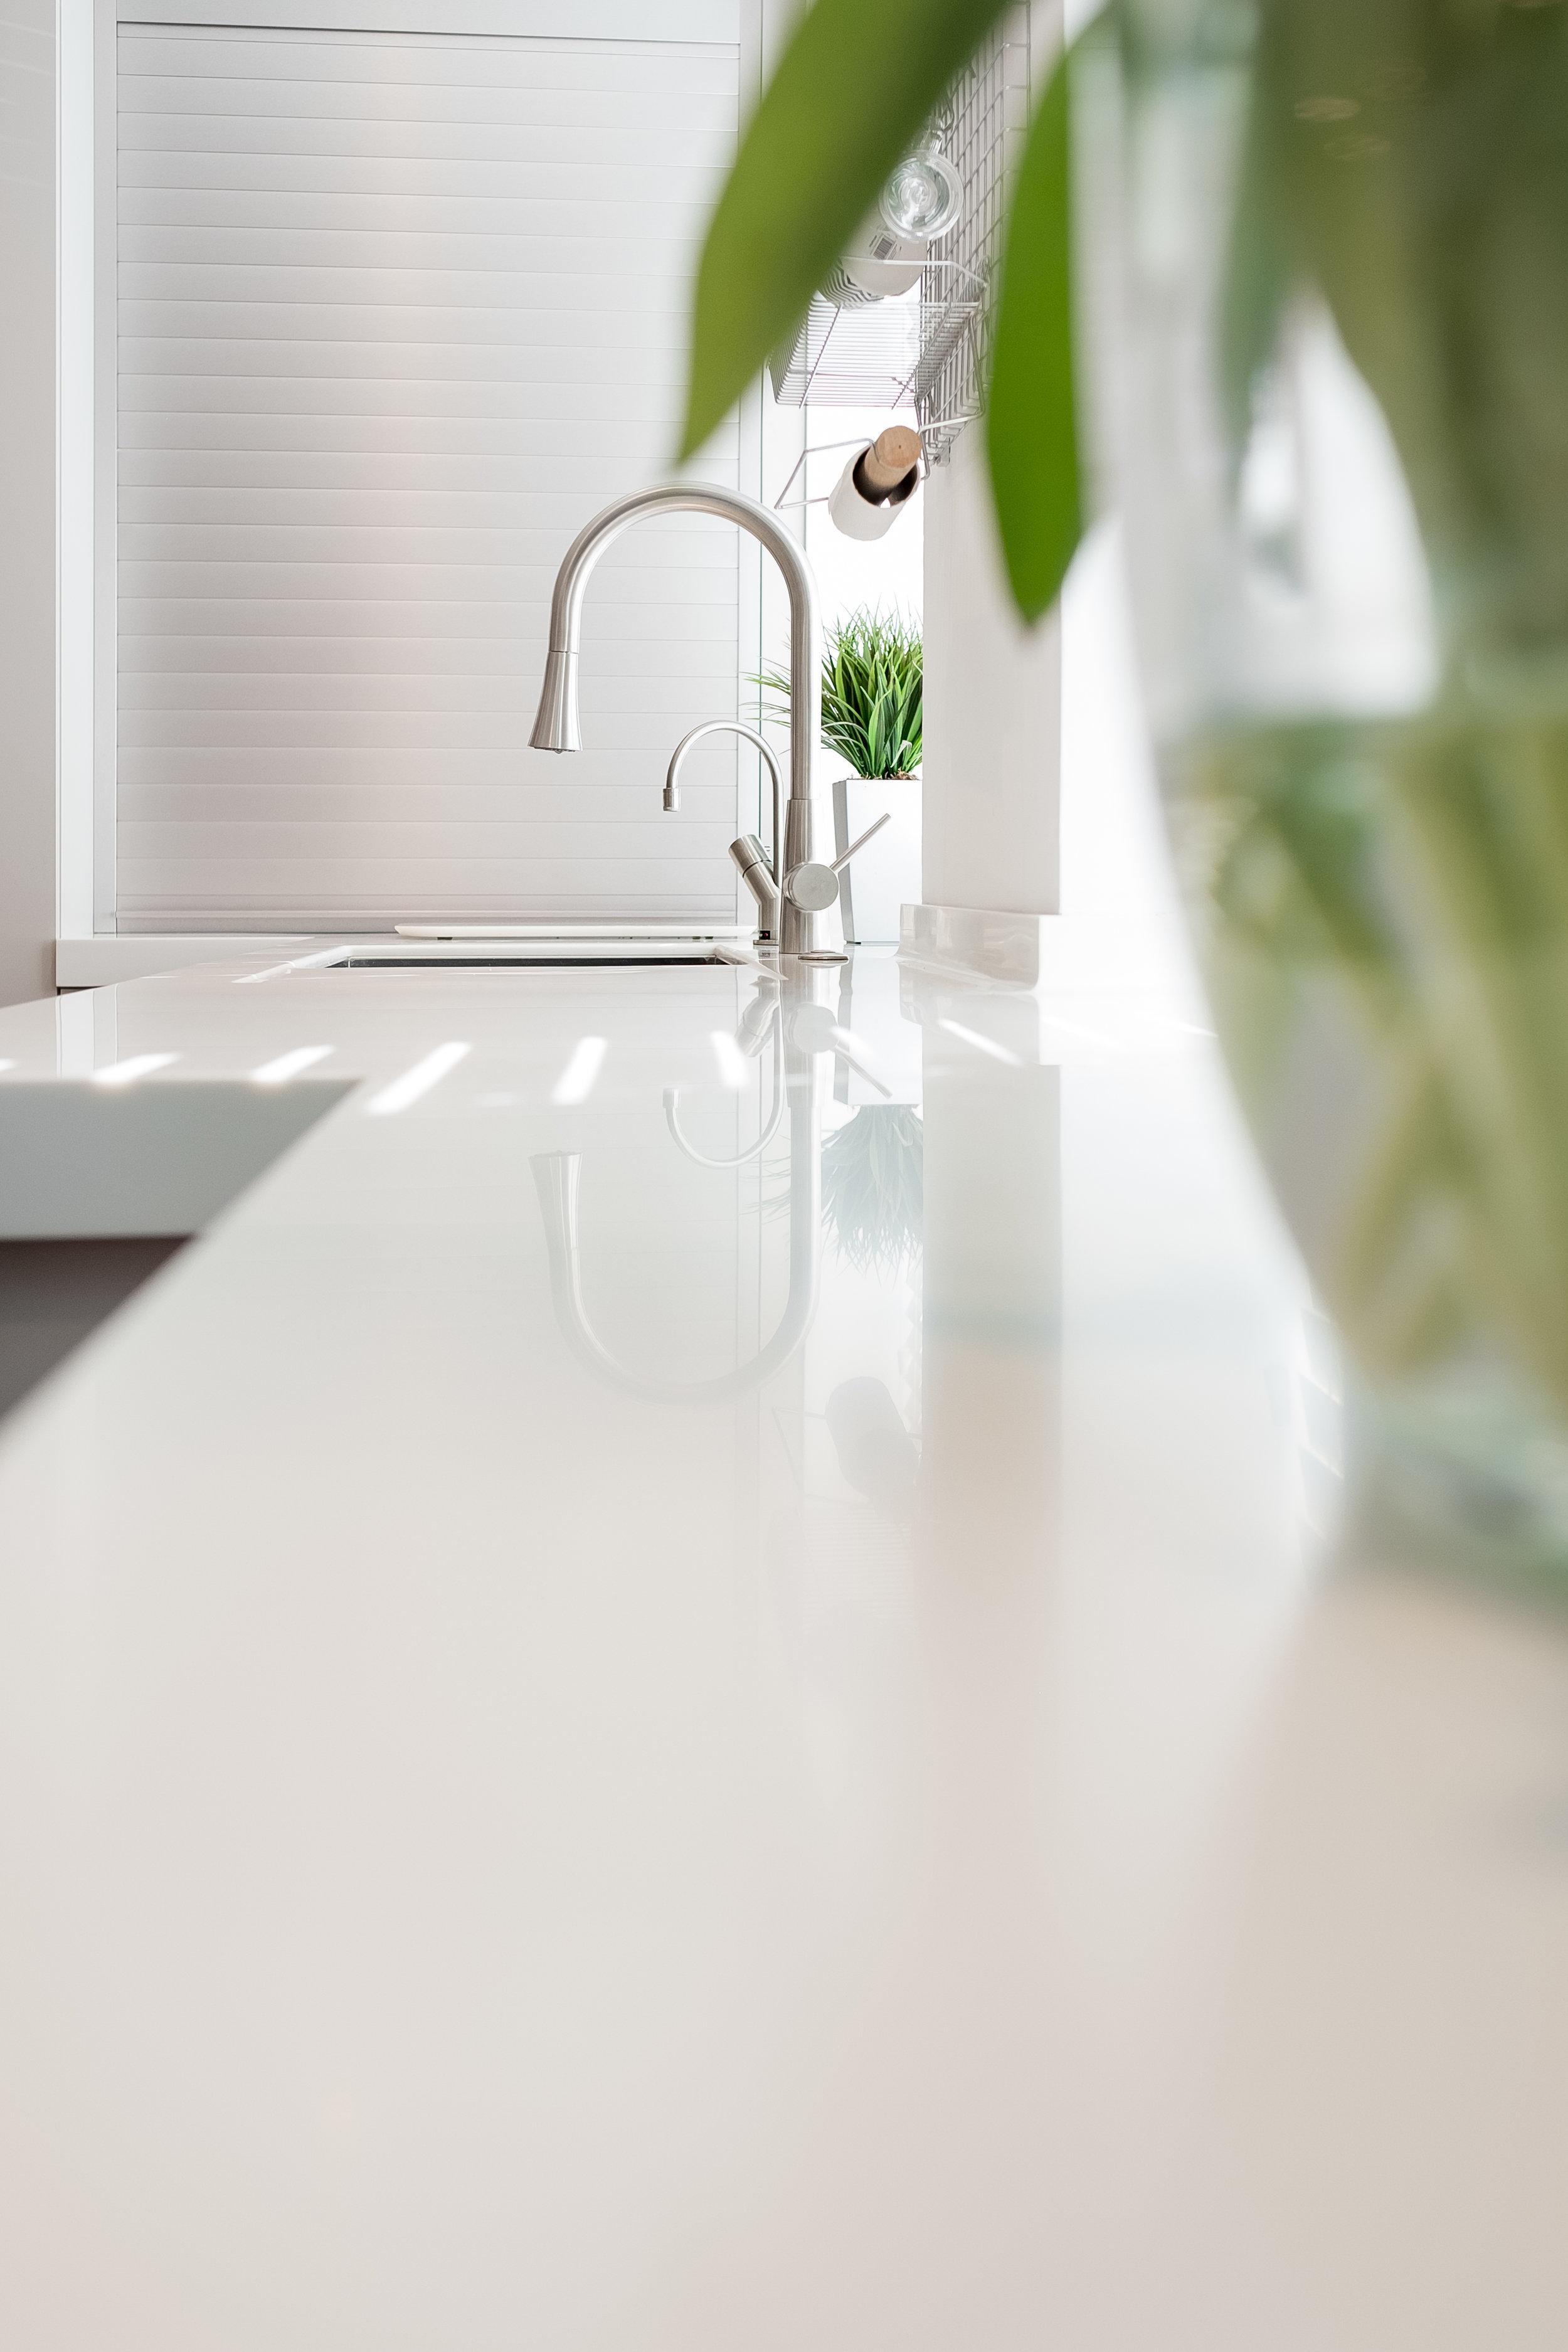 kitchens-cheltenham-design-A8.JPG